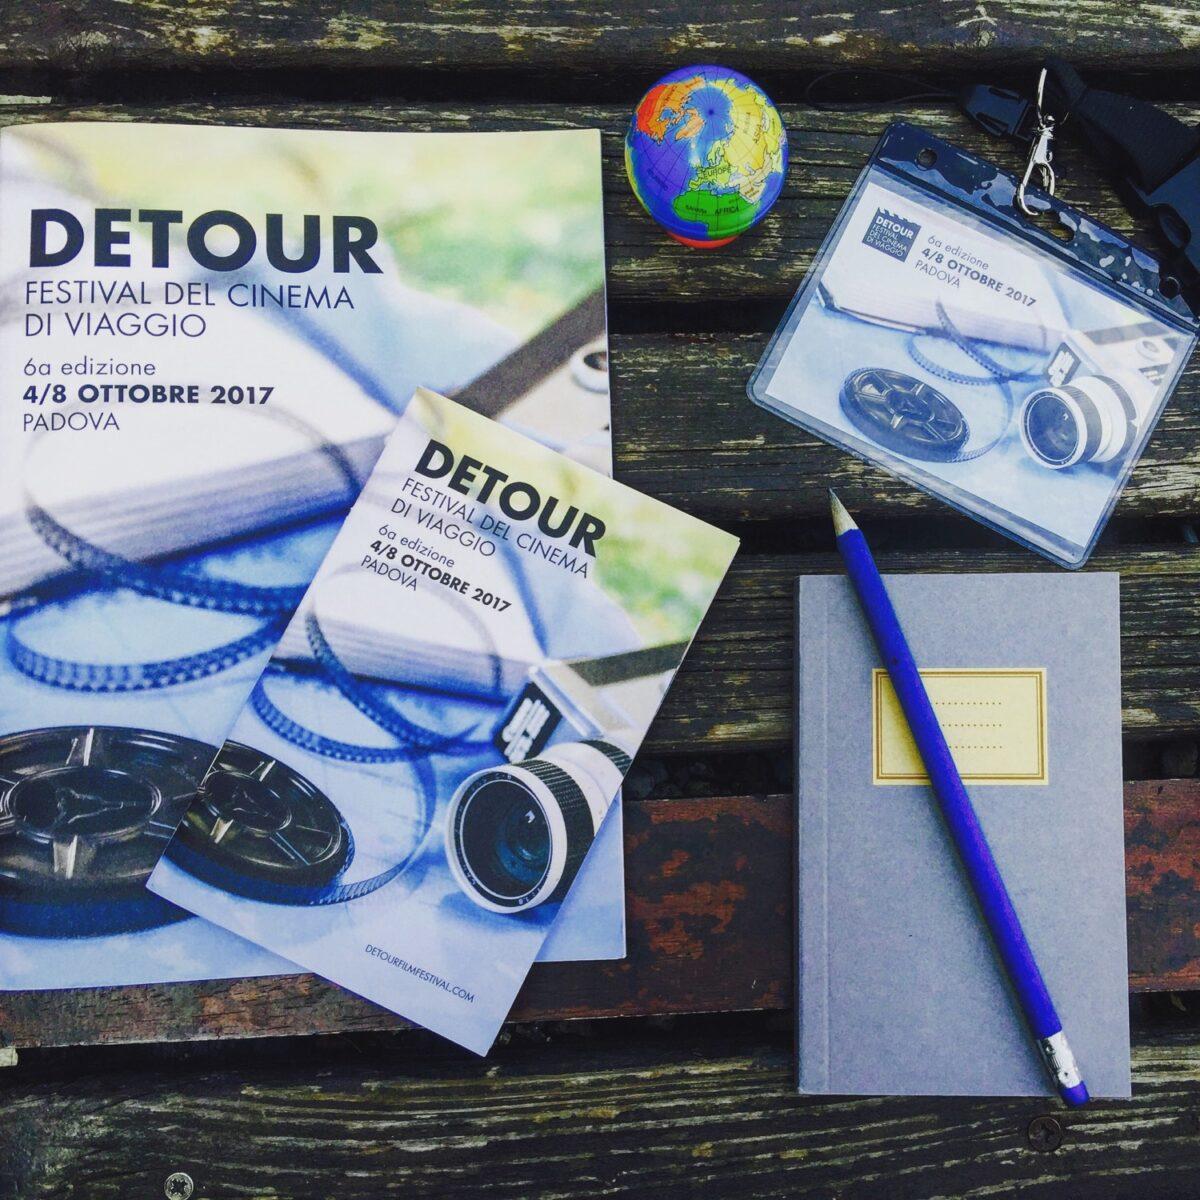 Detour 2017